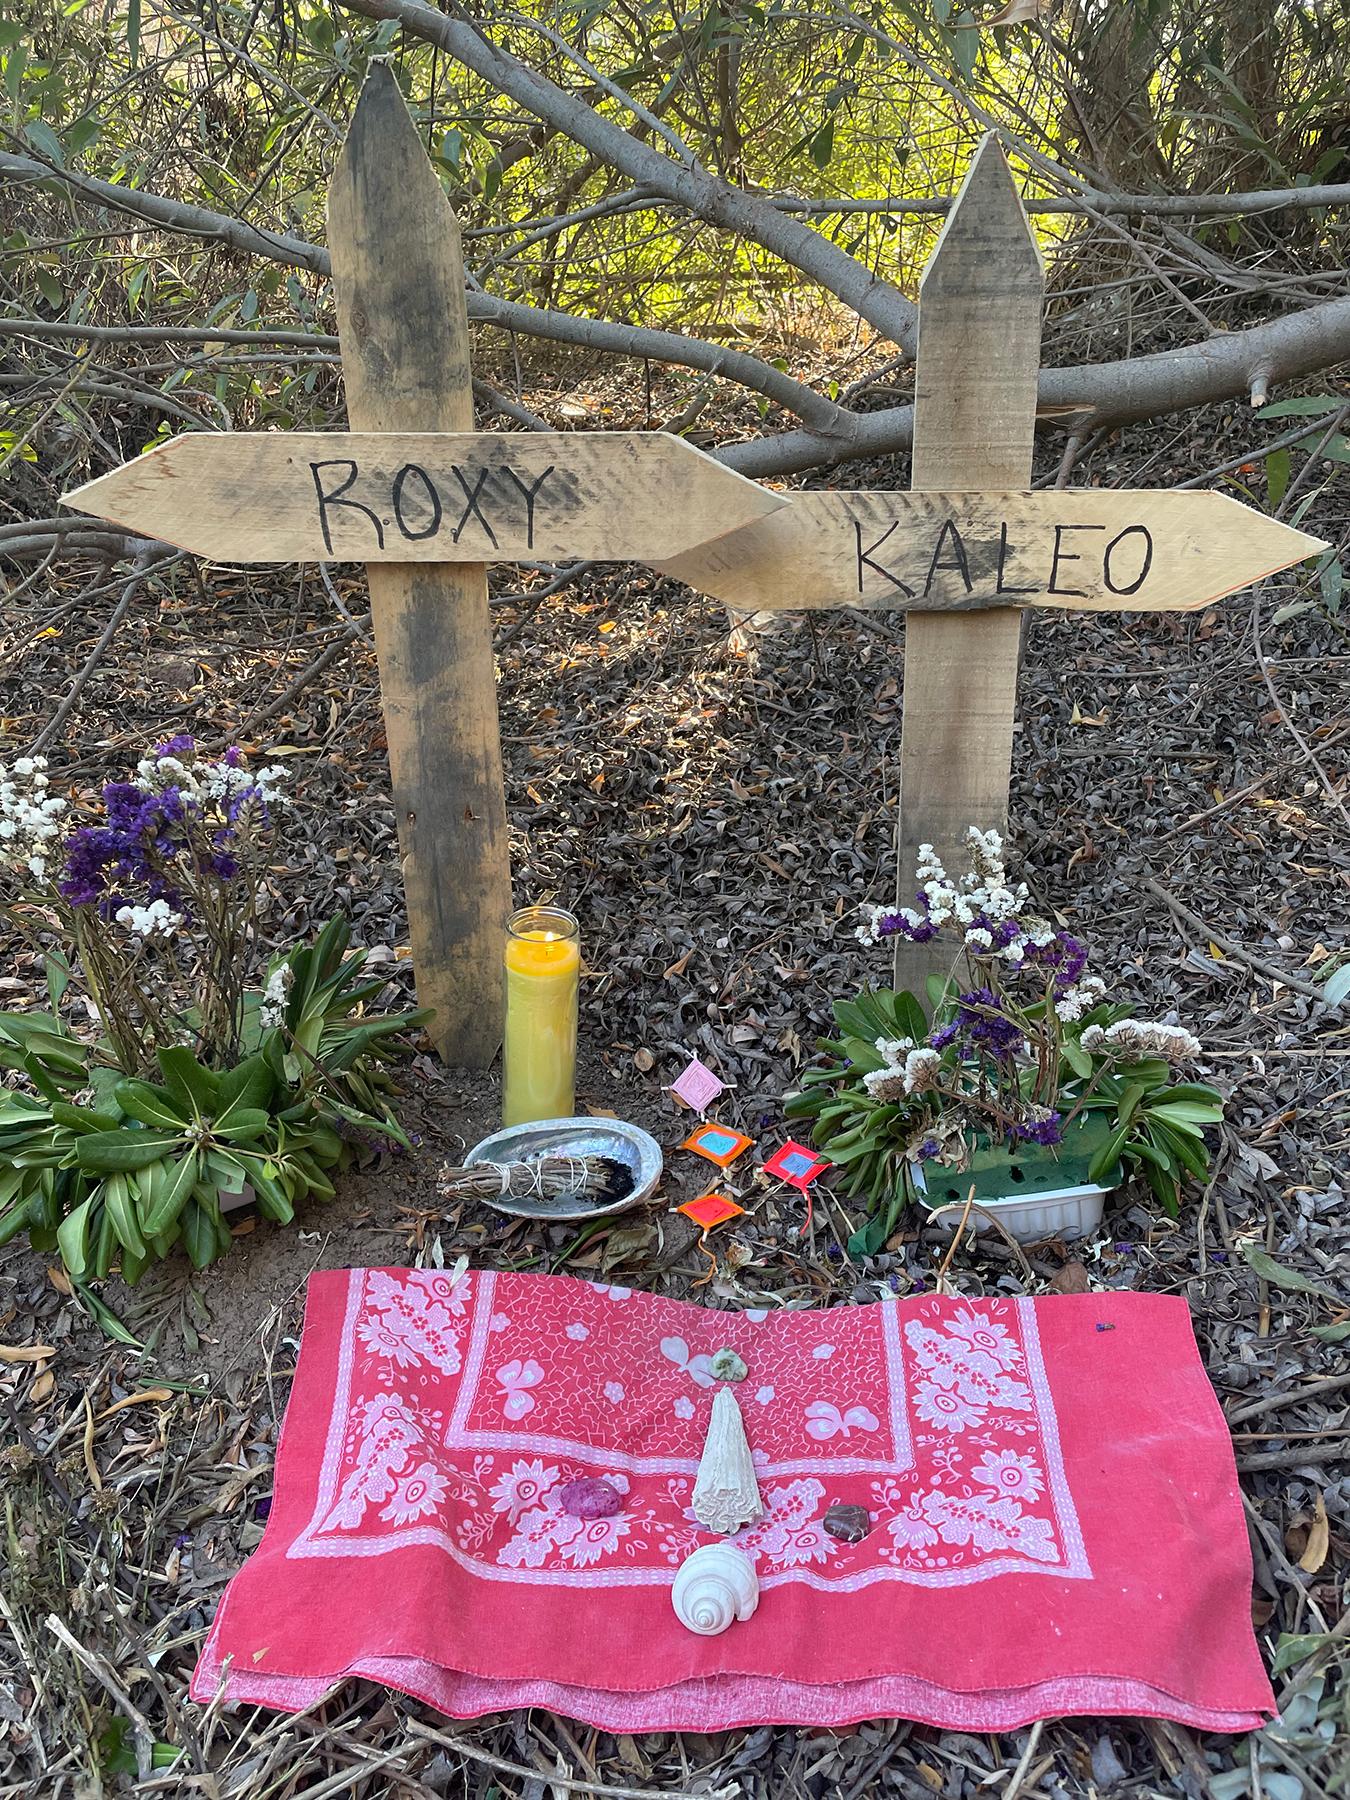 Ramirez has since erected a memorial.